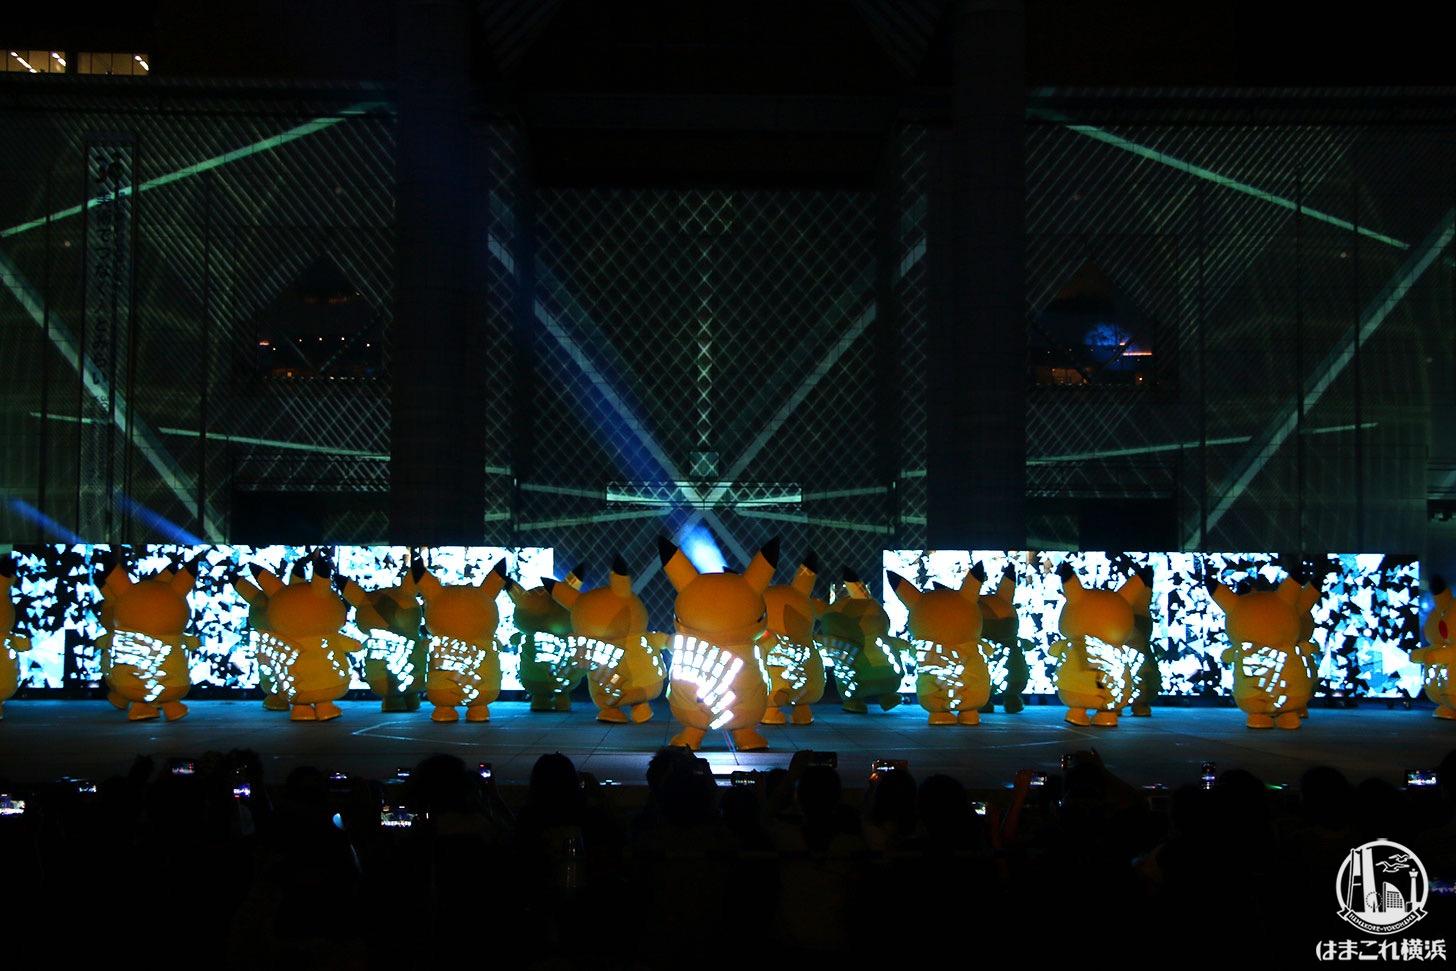 ピカチュウとプロジェクションマッピング 中央みんなでダンス